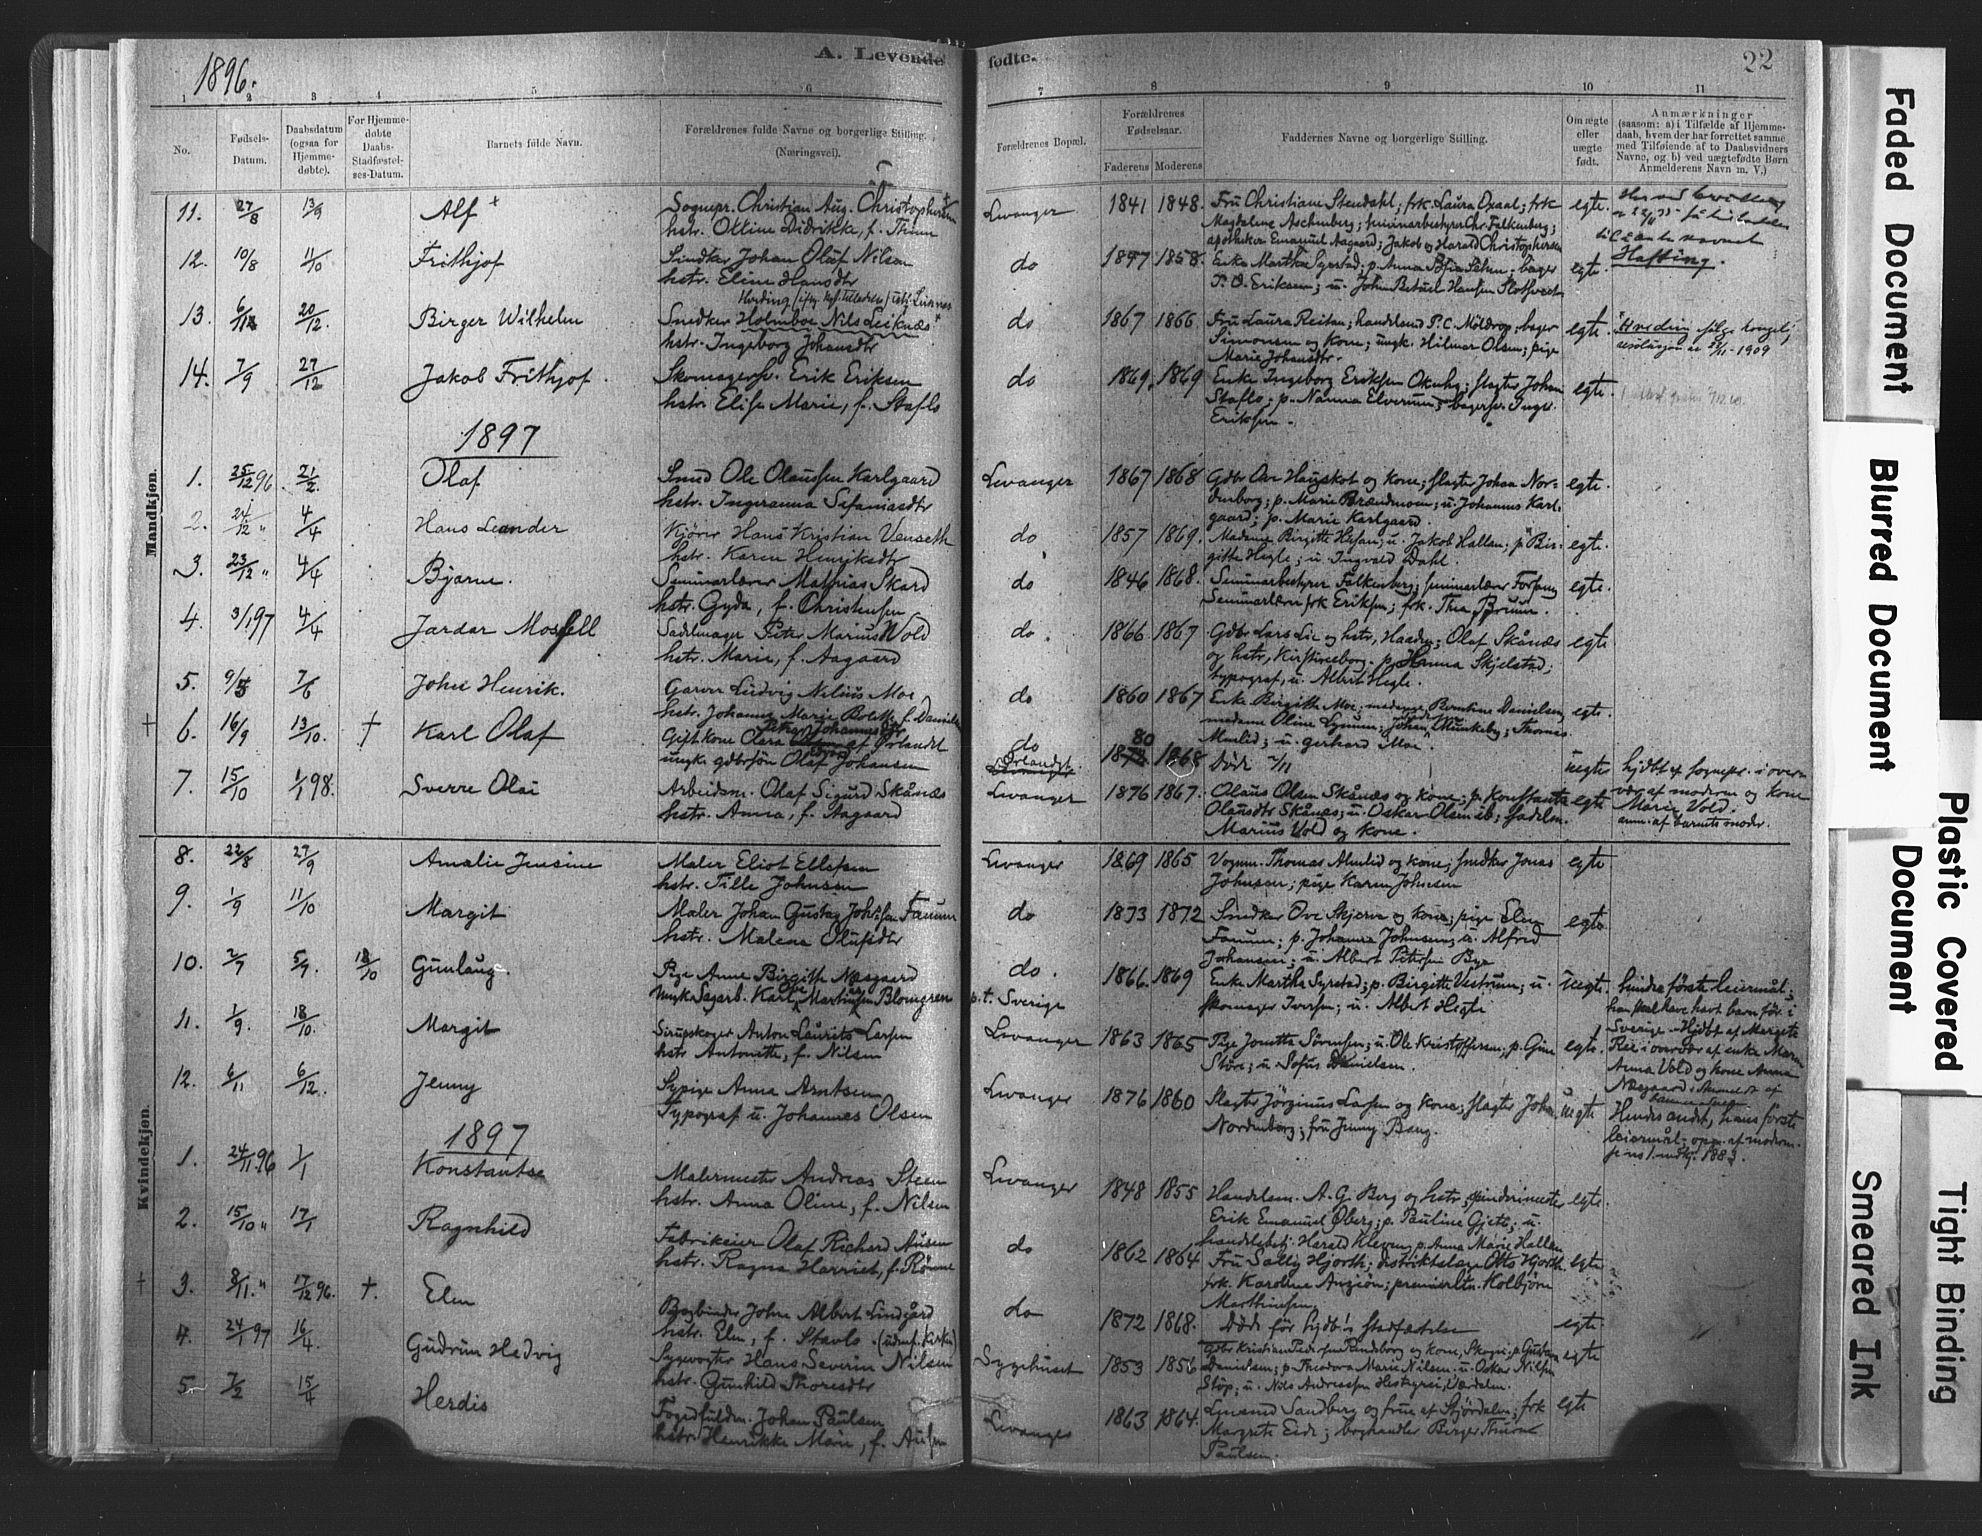 SAT, Ministerialprotokoller, klokkerbøker og fødselsregistre - Nord-Trøndelag, 720/L0189: Ministerialbok nr. 720A05, 1880-1911, s. 22